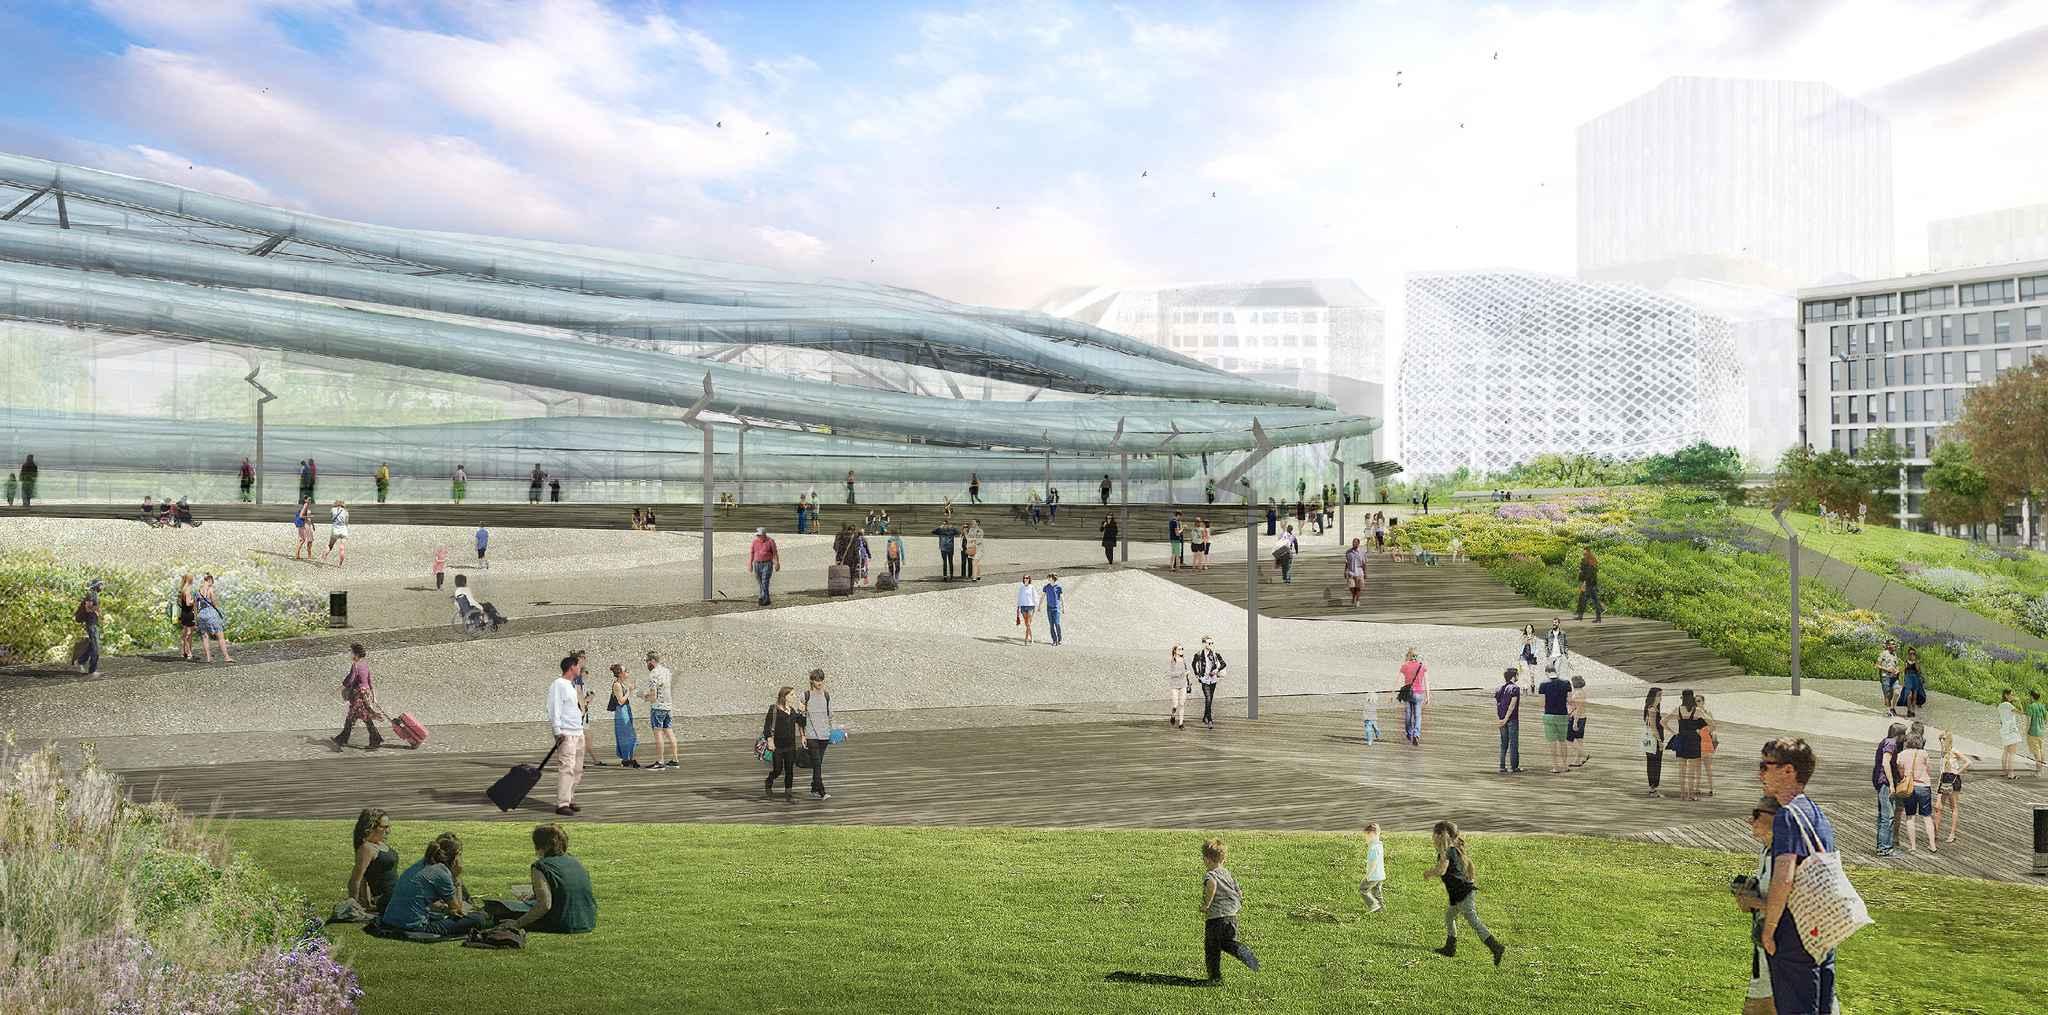 Rennes en images la nouvelle gare de rennes se d voile for Salon de la gastronomie rennes